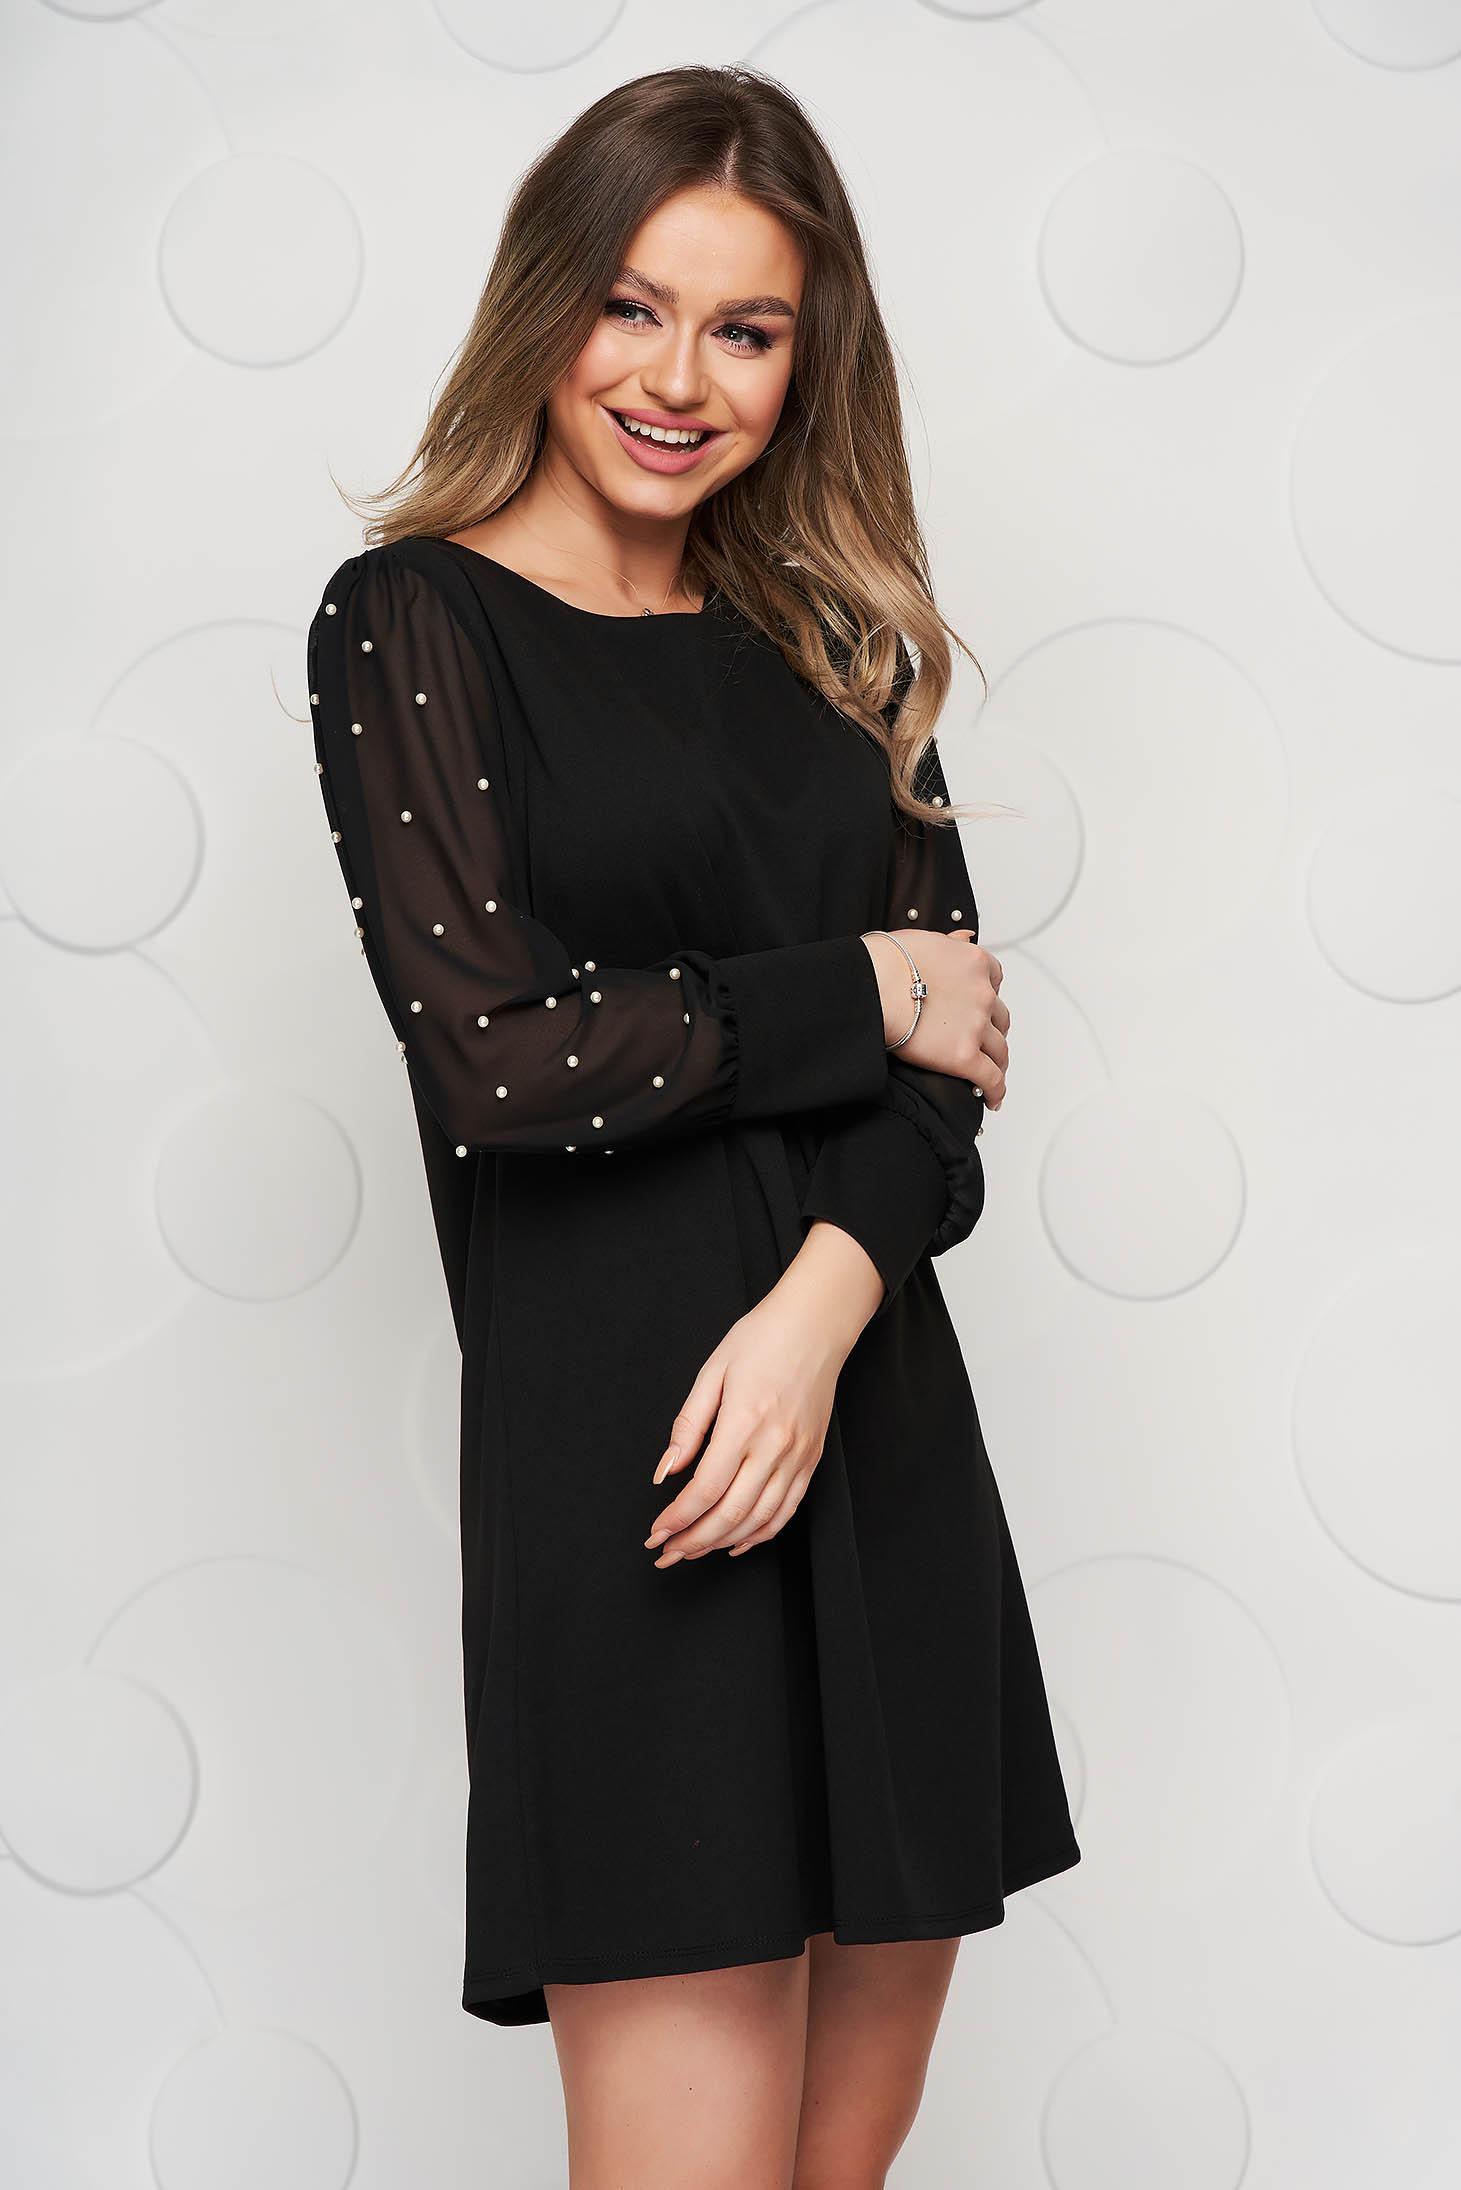 Fekete rövid alkalmi bő szabású ruha muszlin ujjakkal gyöngy díszítéssel